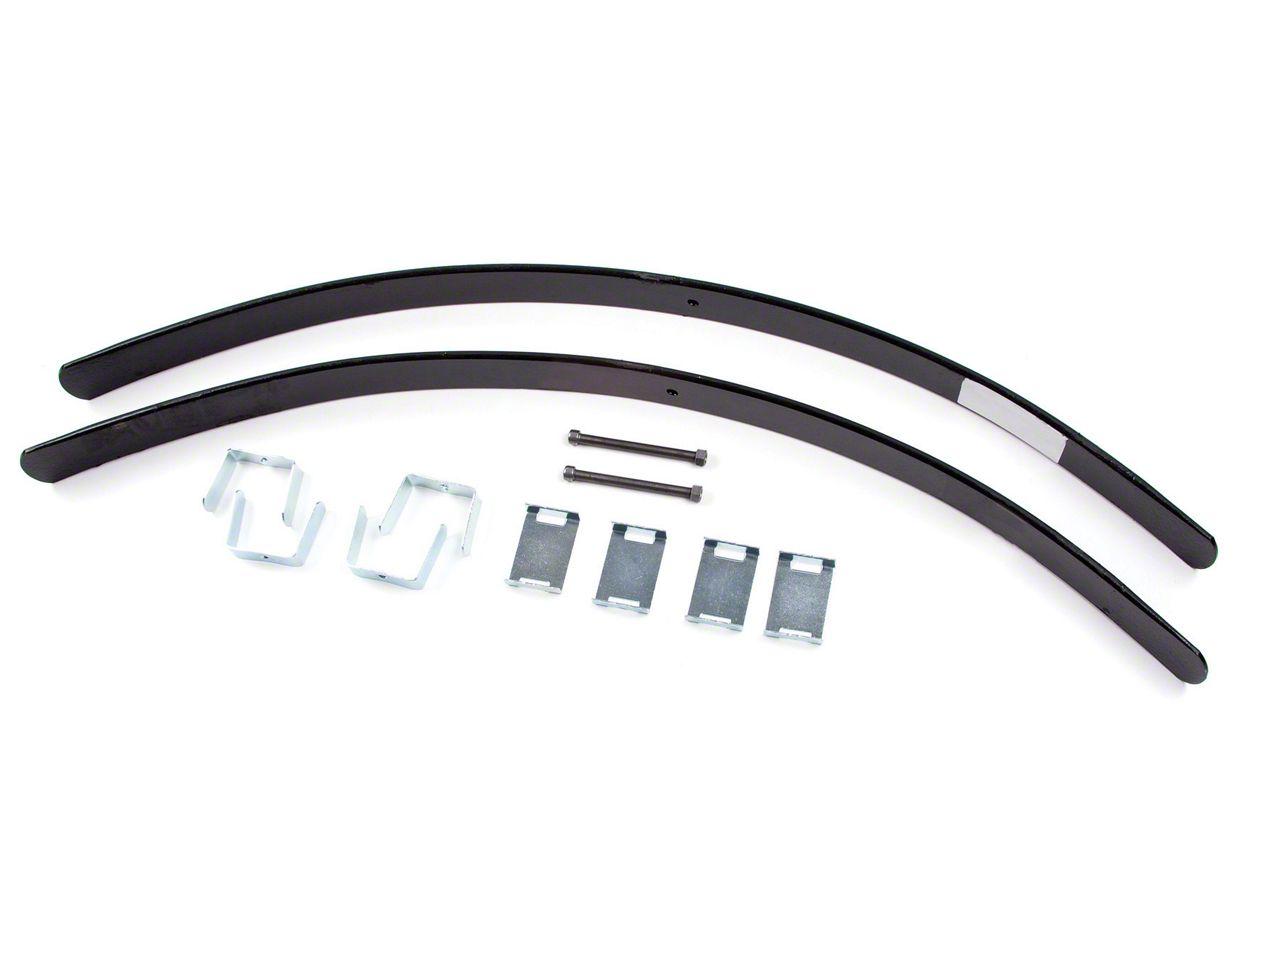 Zone Offroad Rear Add-A-Leaf Kit (97-03 F-150)